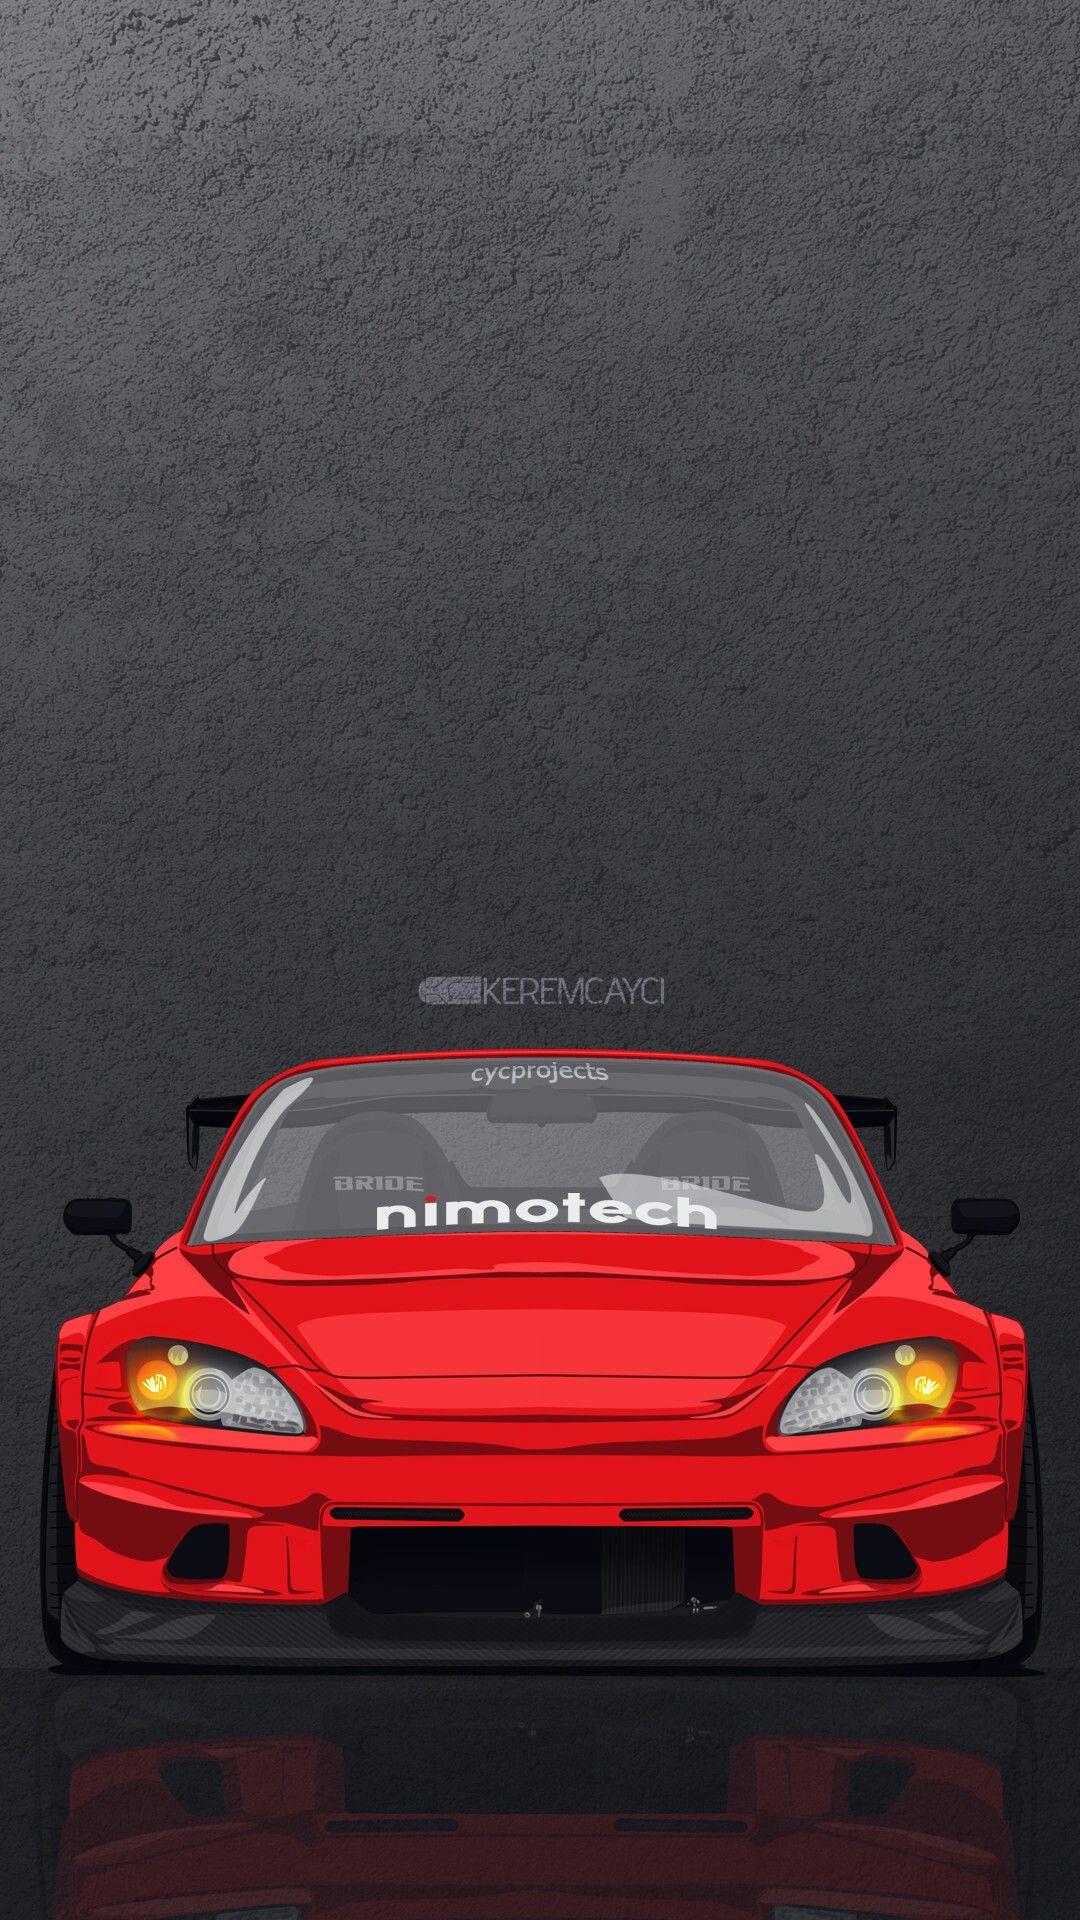 Honda S2000 Honda Cars Honda S2000 Art Cars